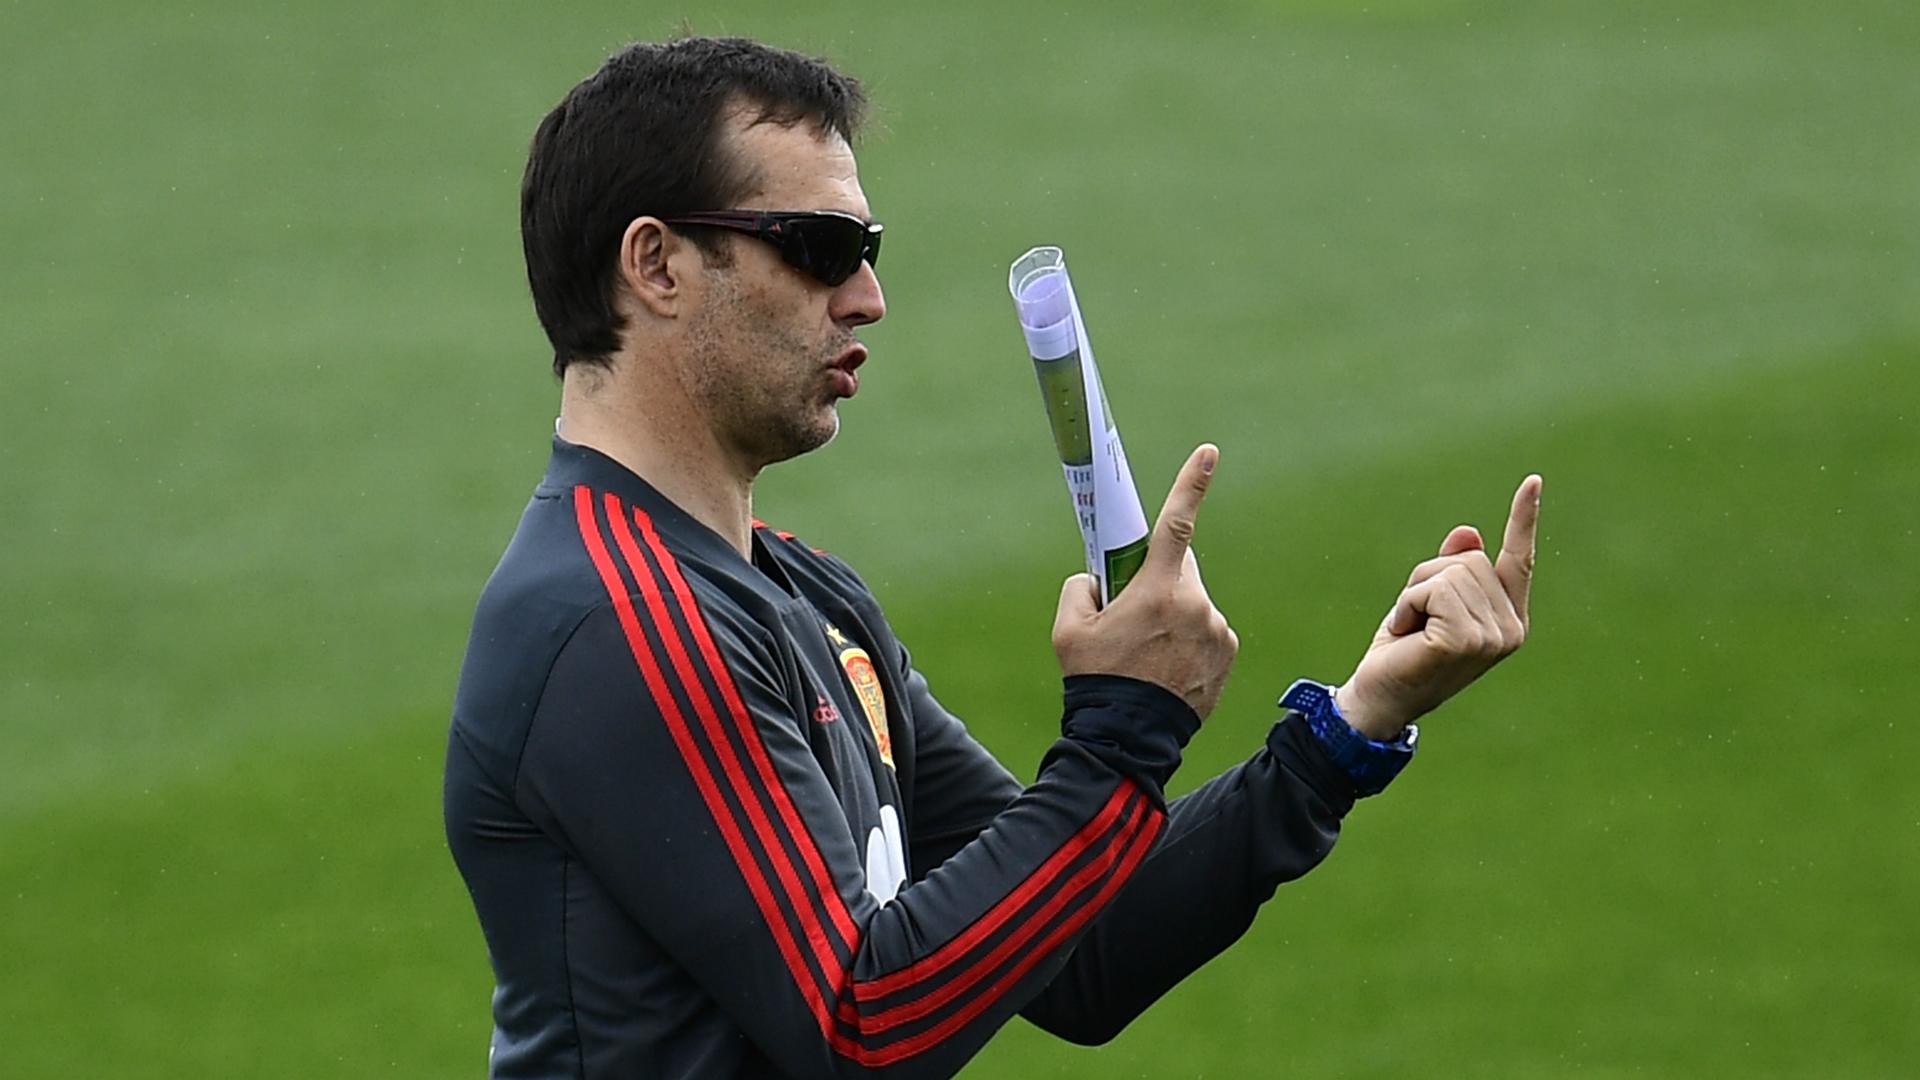 Spain stay unbeaten under Lopetegui after Swiss draw